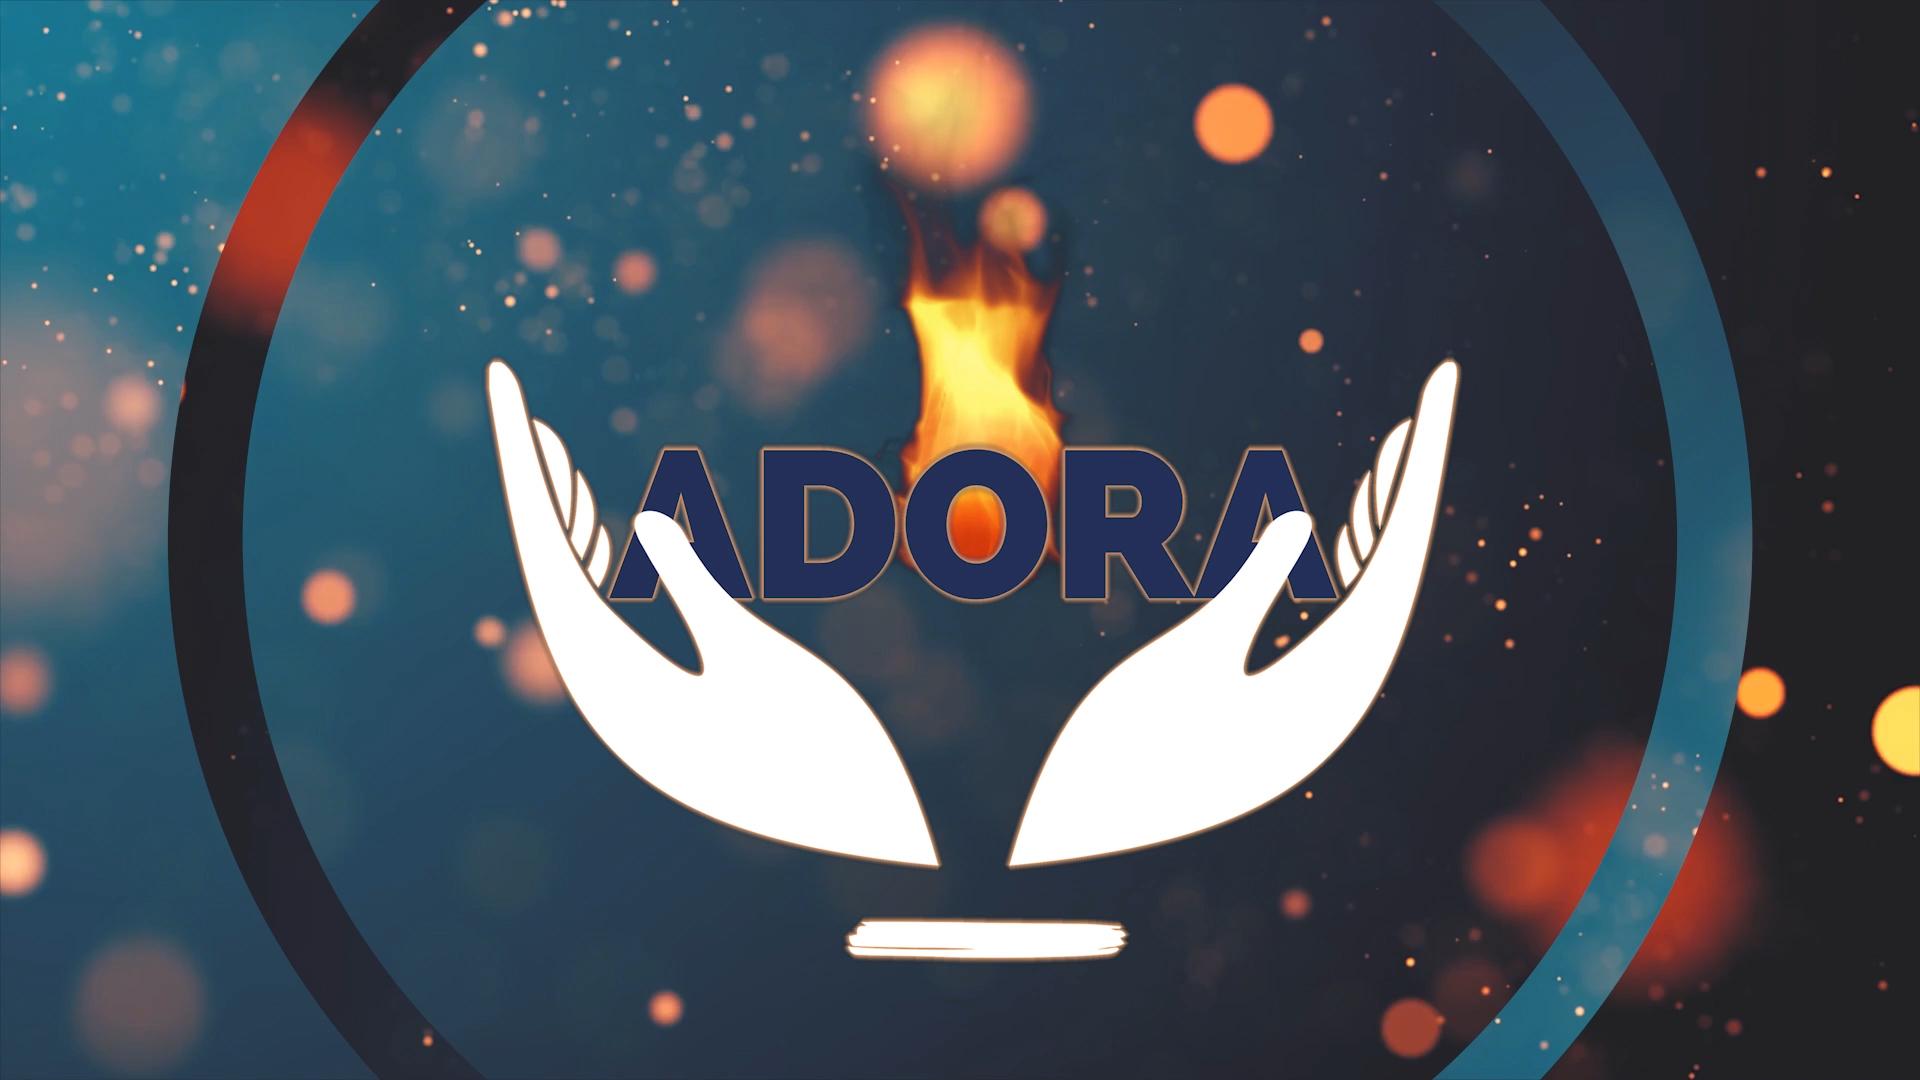 Adora_2021